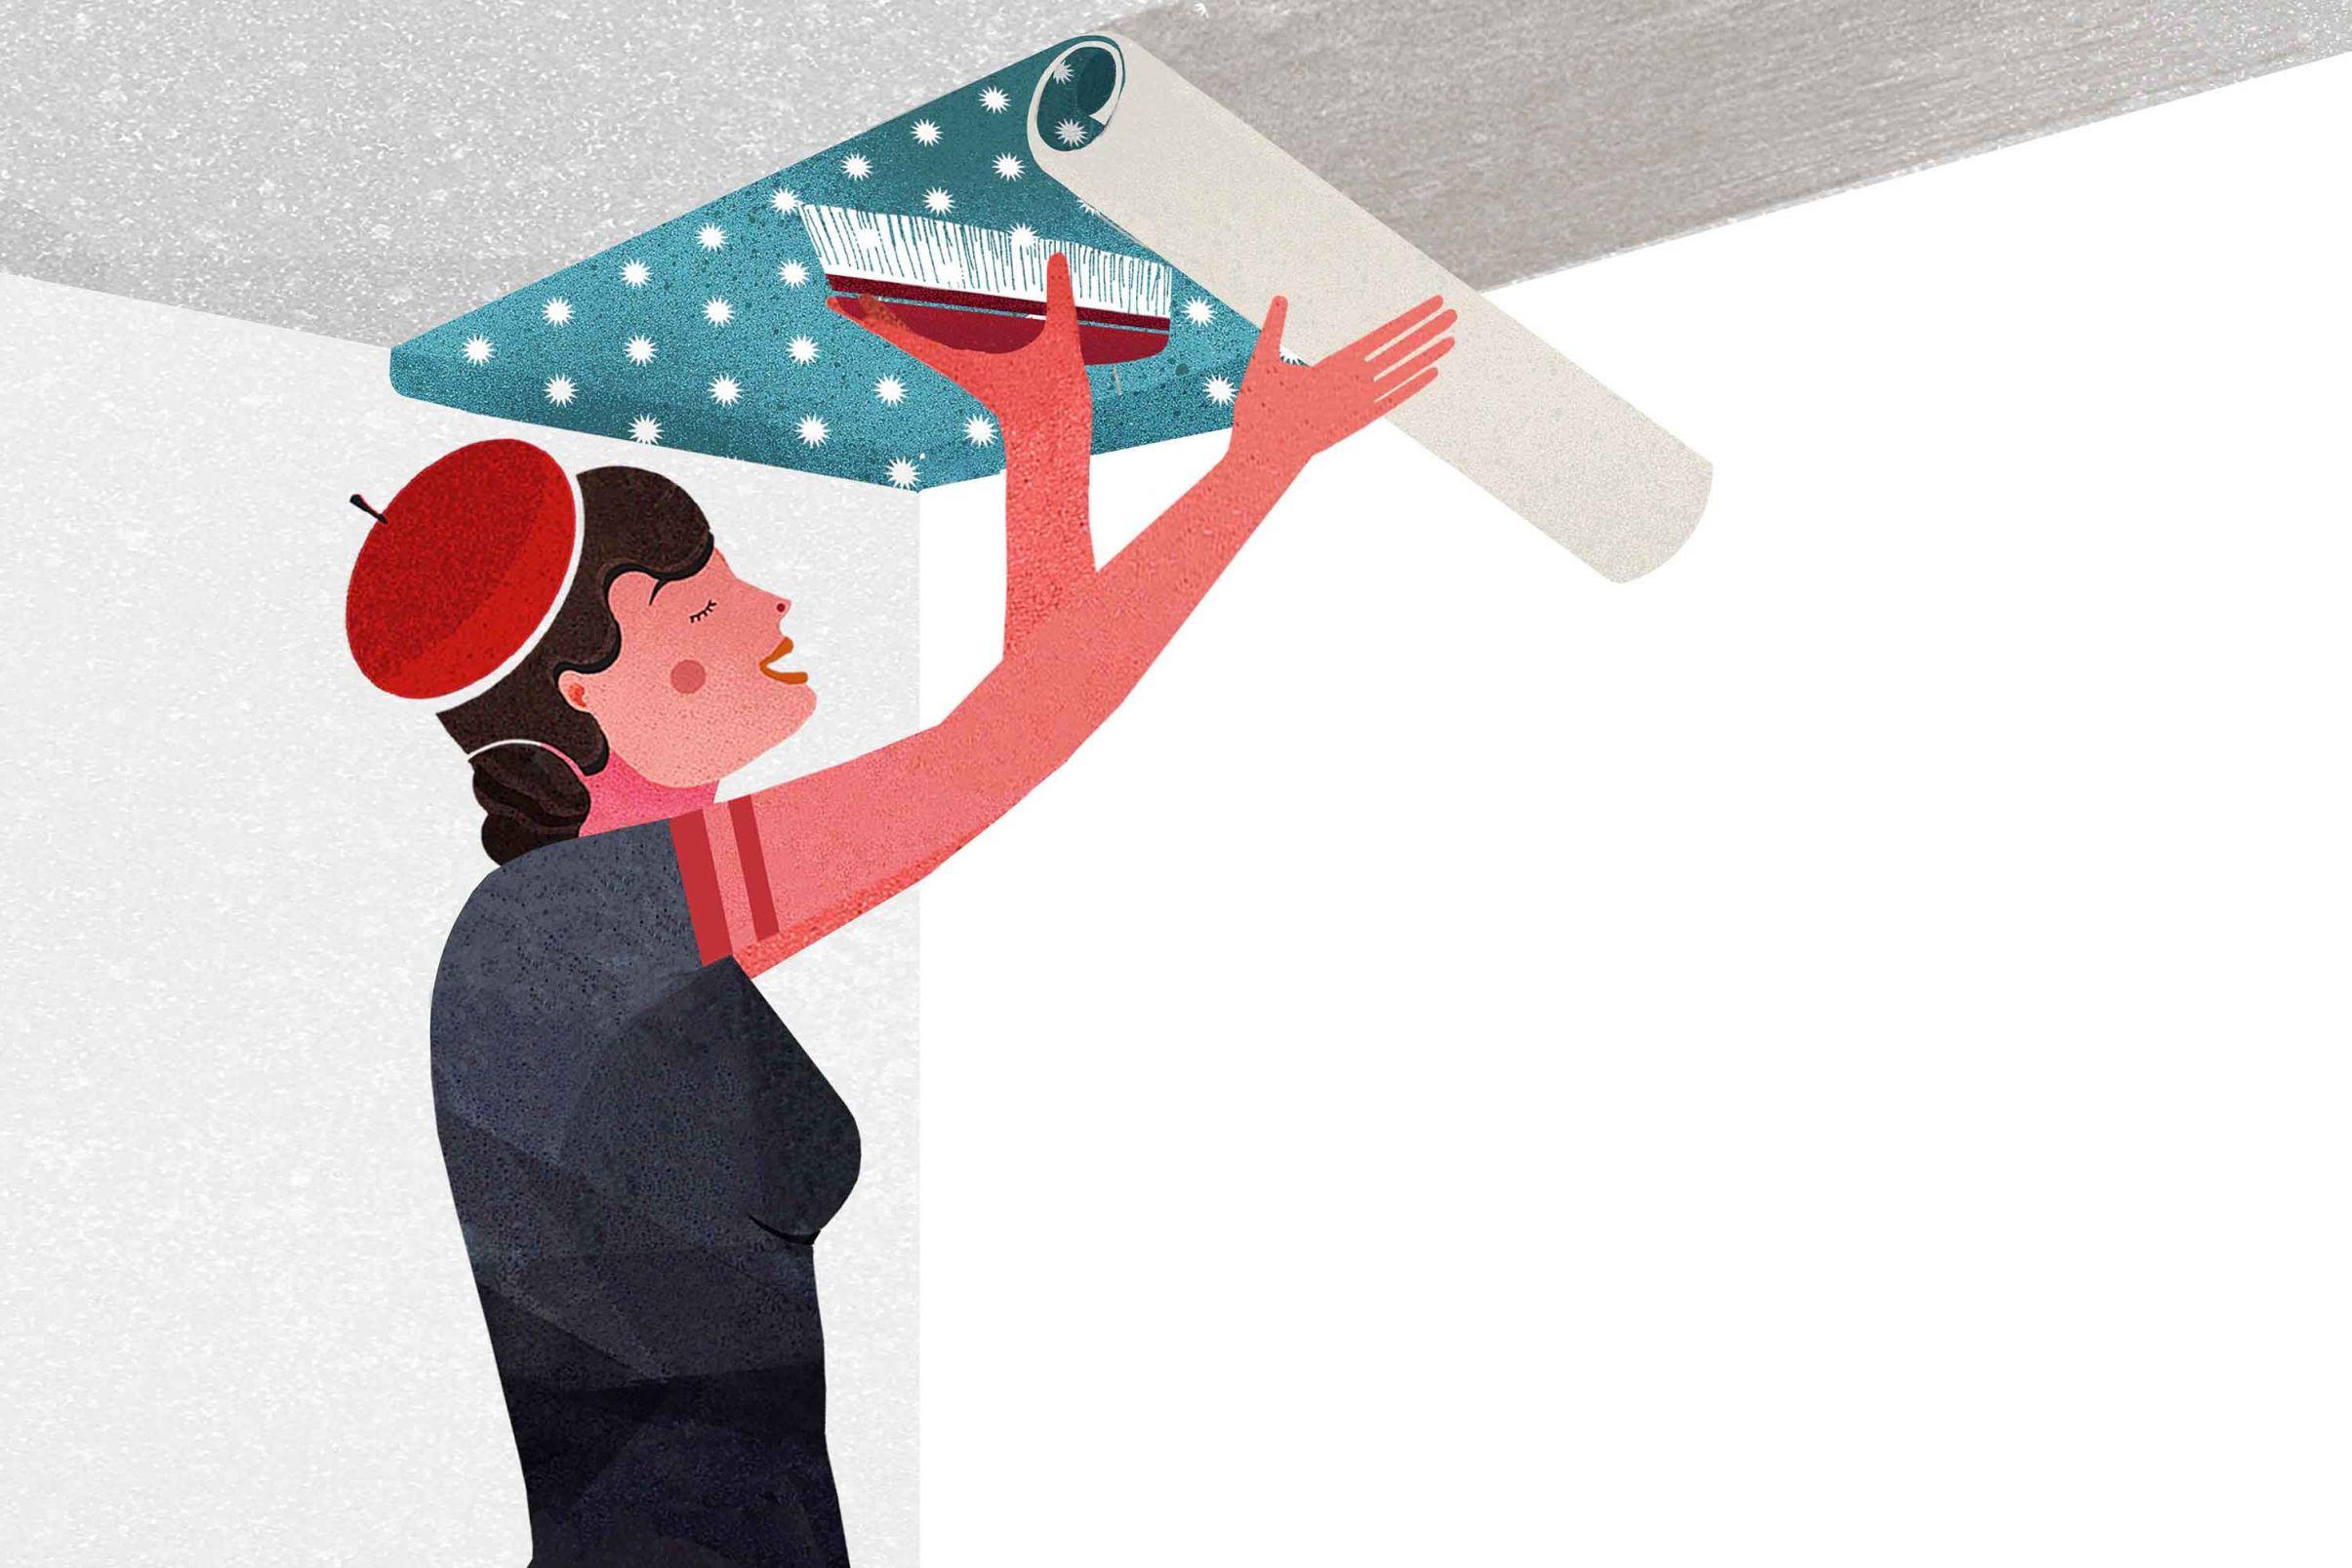 Como-colocar-papel-de-parede-no-teto-Colocar-o-papel-de-parede